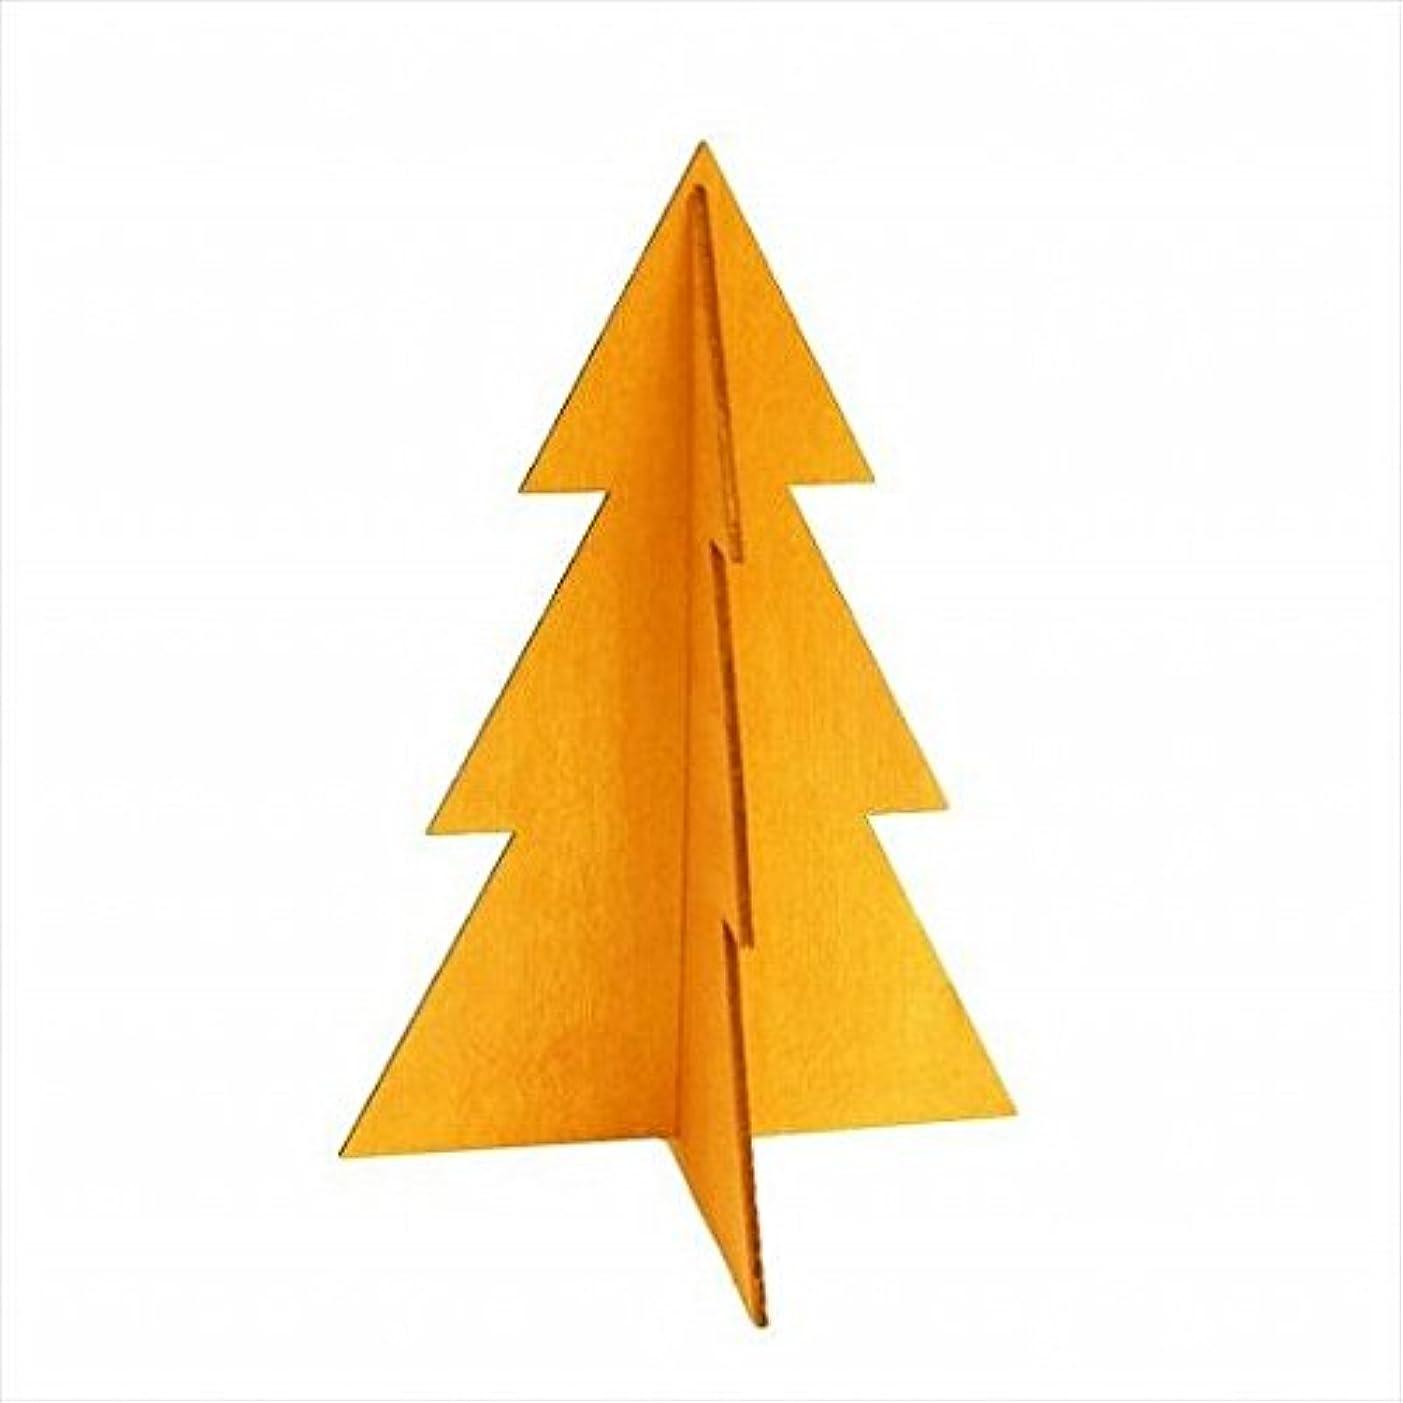 特許非常に怒っています方法kameyama candle(カメヤマキャンドル) フェスティブツリーM 「 オレンジ 」 キャンドル 144x144x210mm (I882243009)